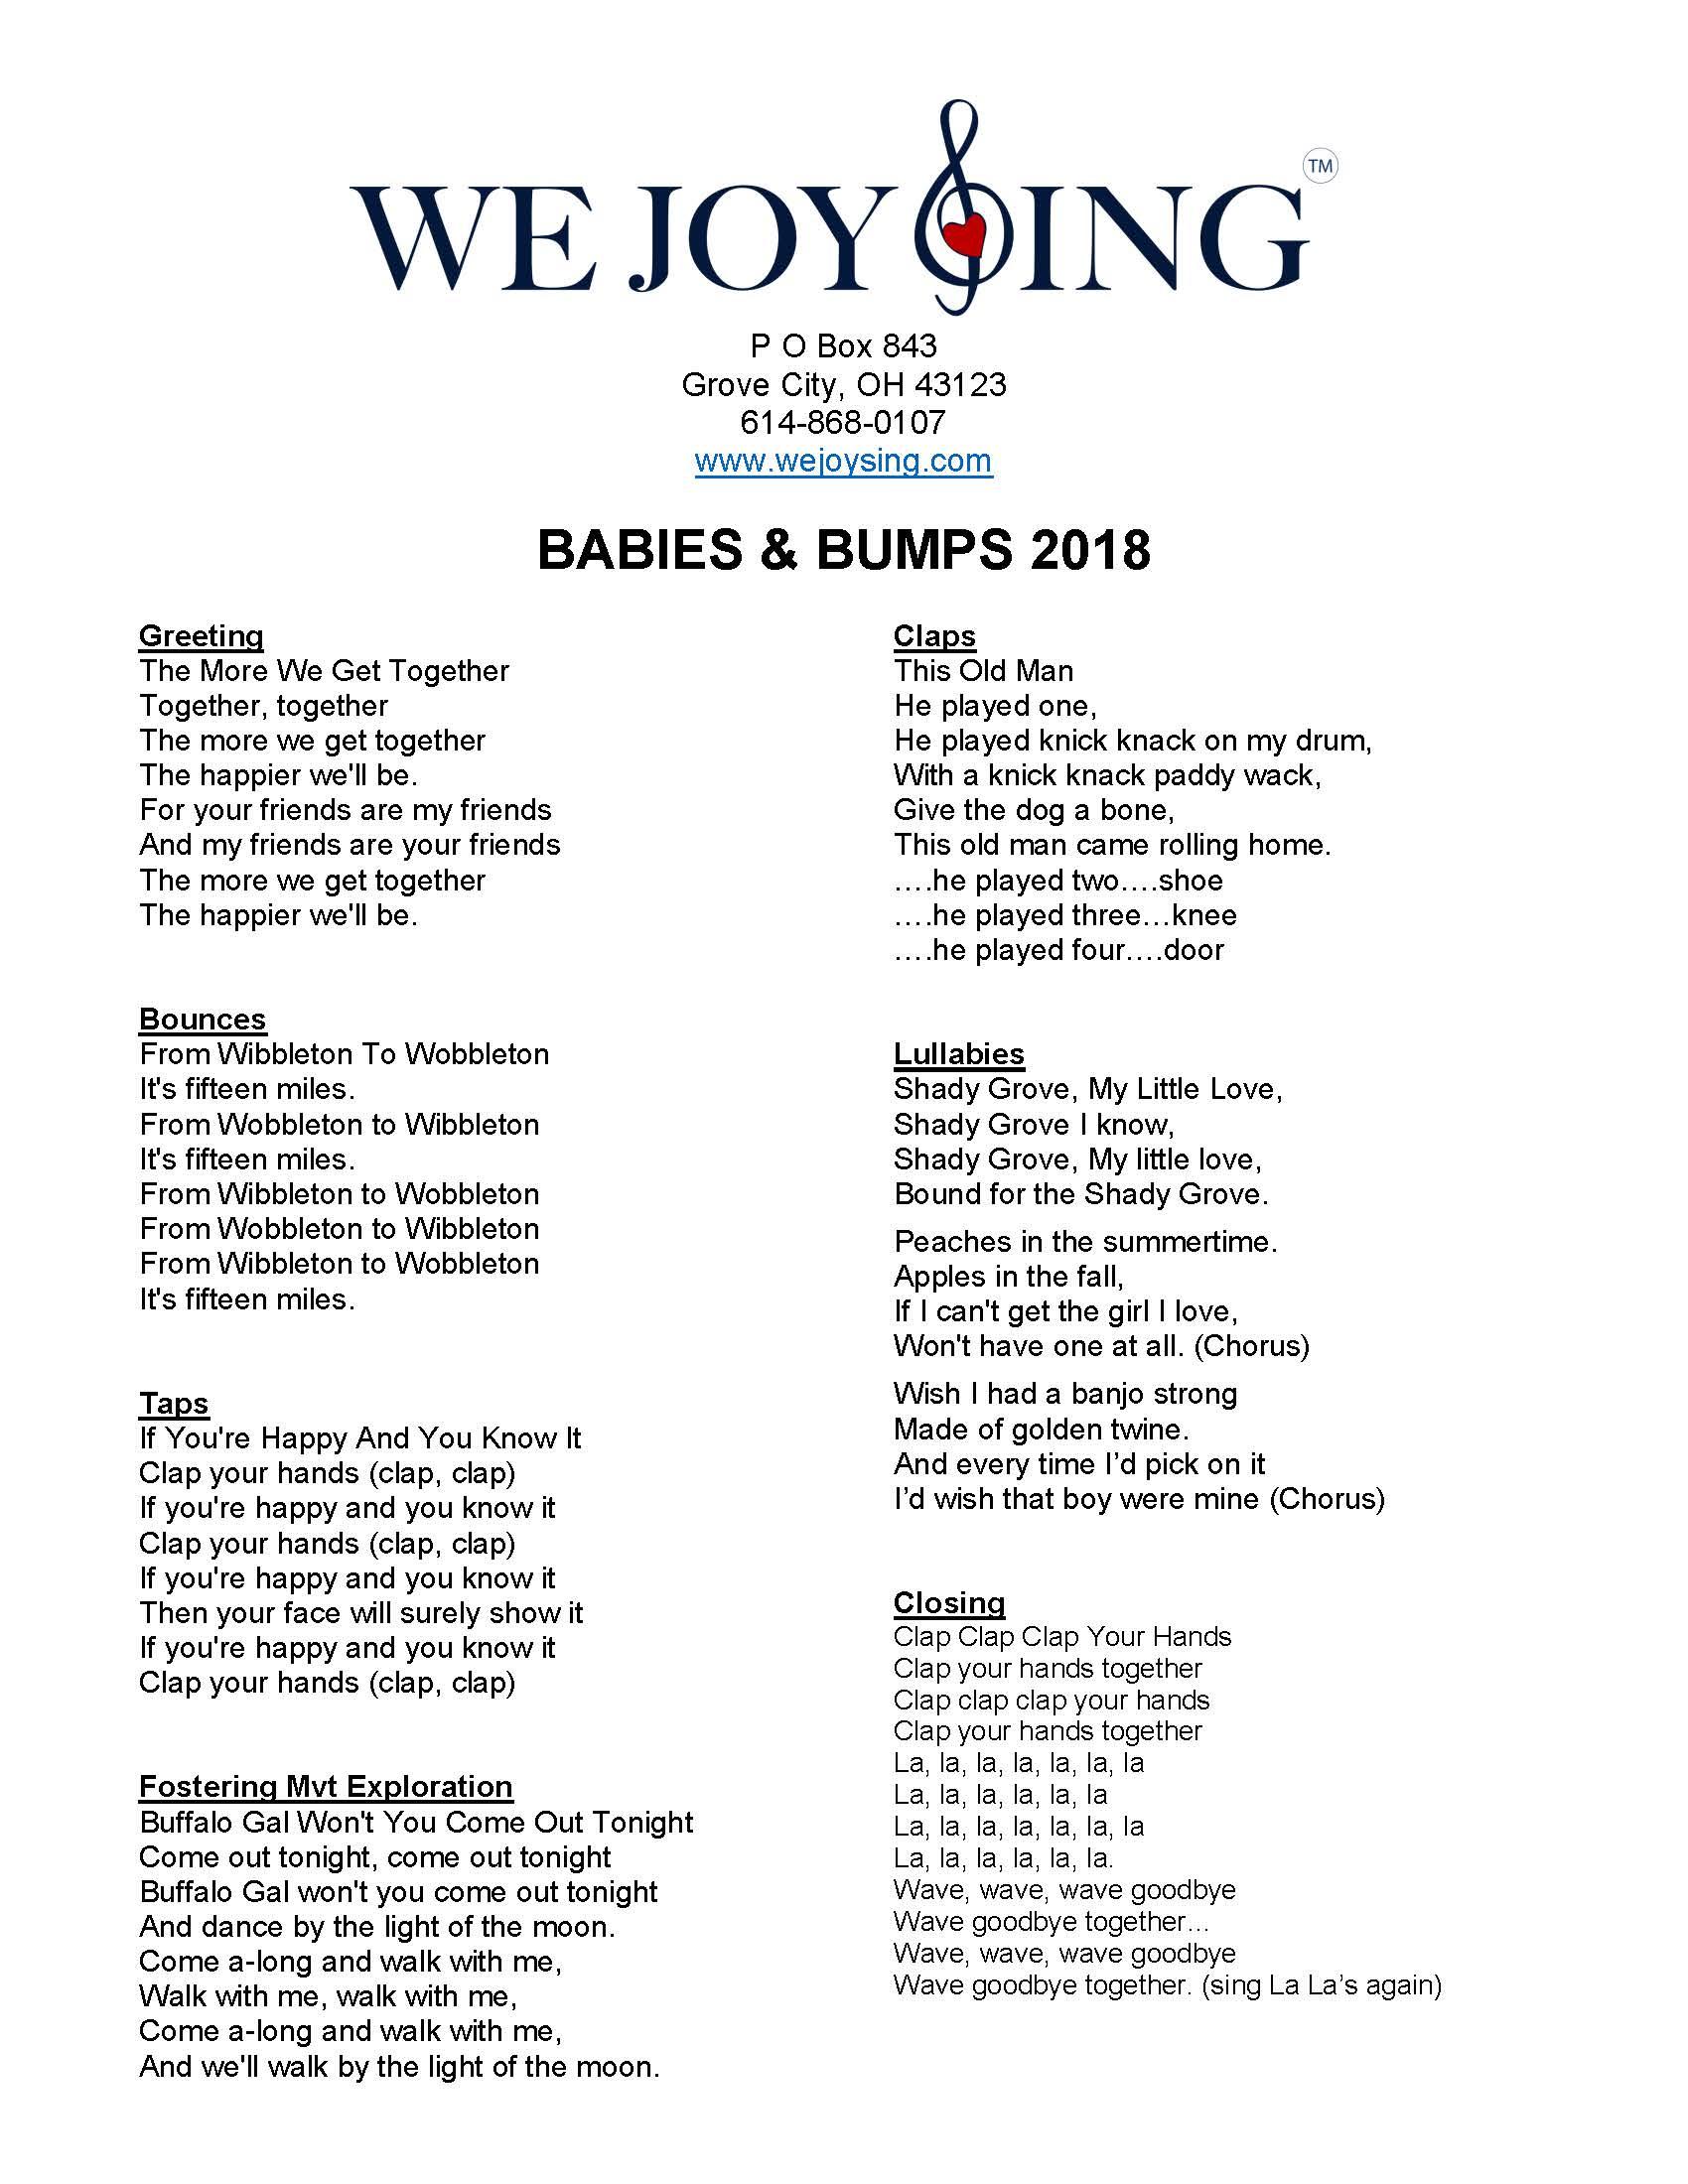 Babies & Bumps 2018 handout.jpg